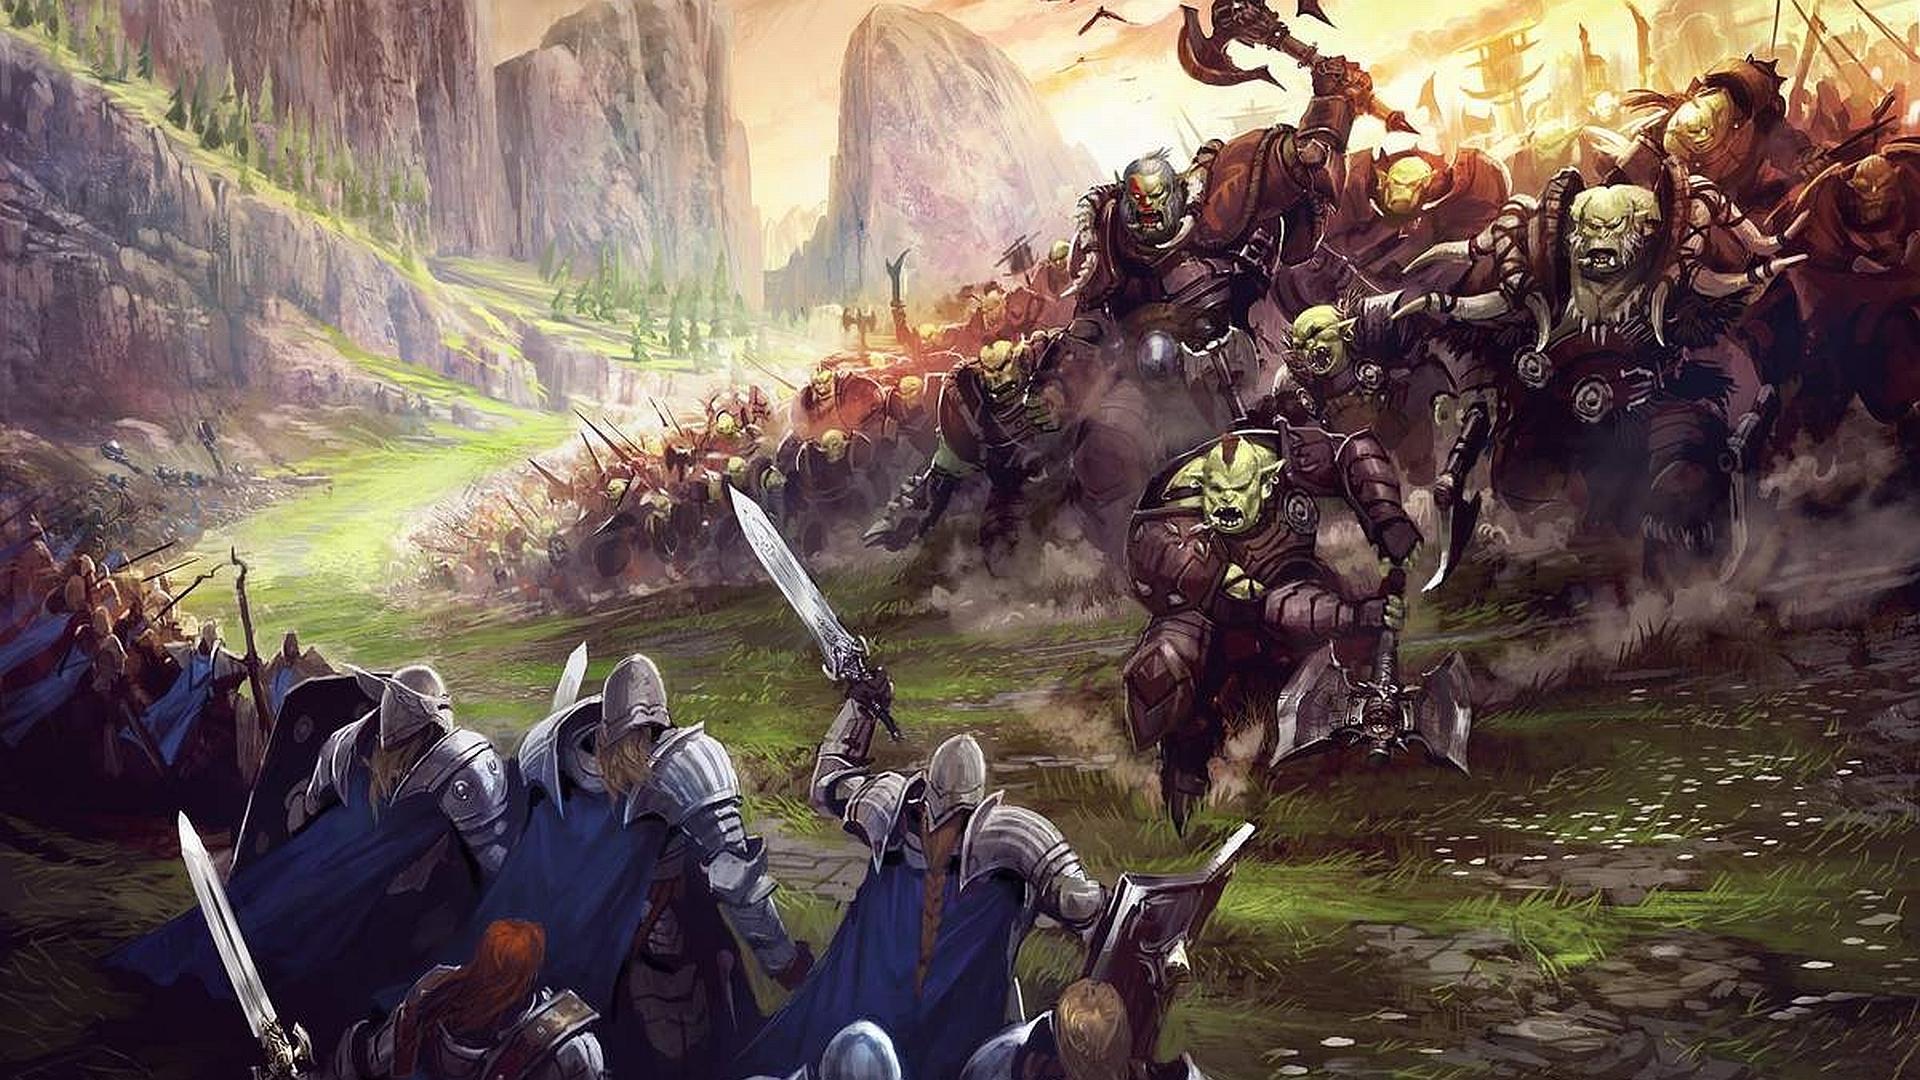 underworld-war-art-fantasy-2958.jpg